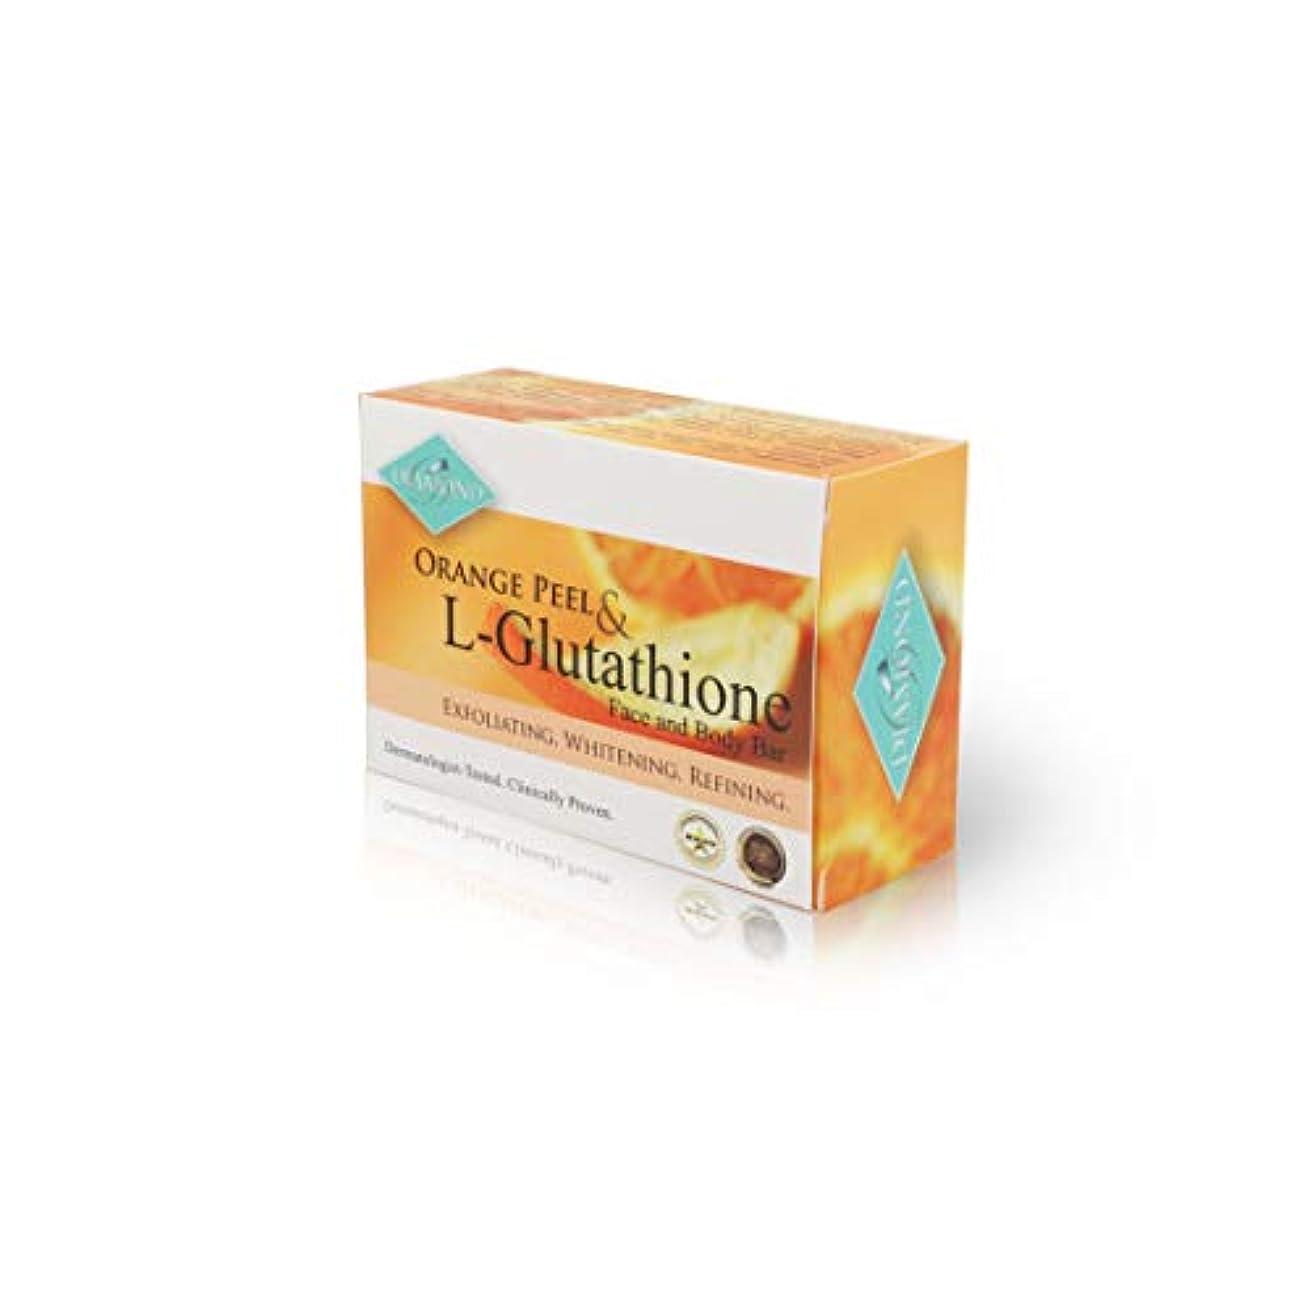 スコア放送持っているDIAMOND ORANGE PEEL&Glutathione soap/オレンジピール&グルタチオン配合ソープ(美容石けん) 150g 正規輸入品